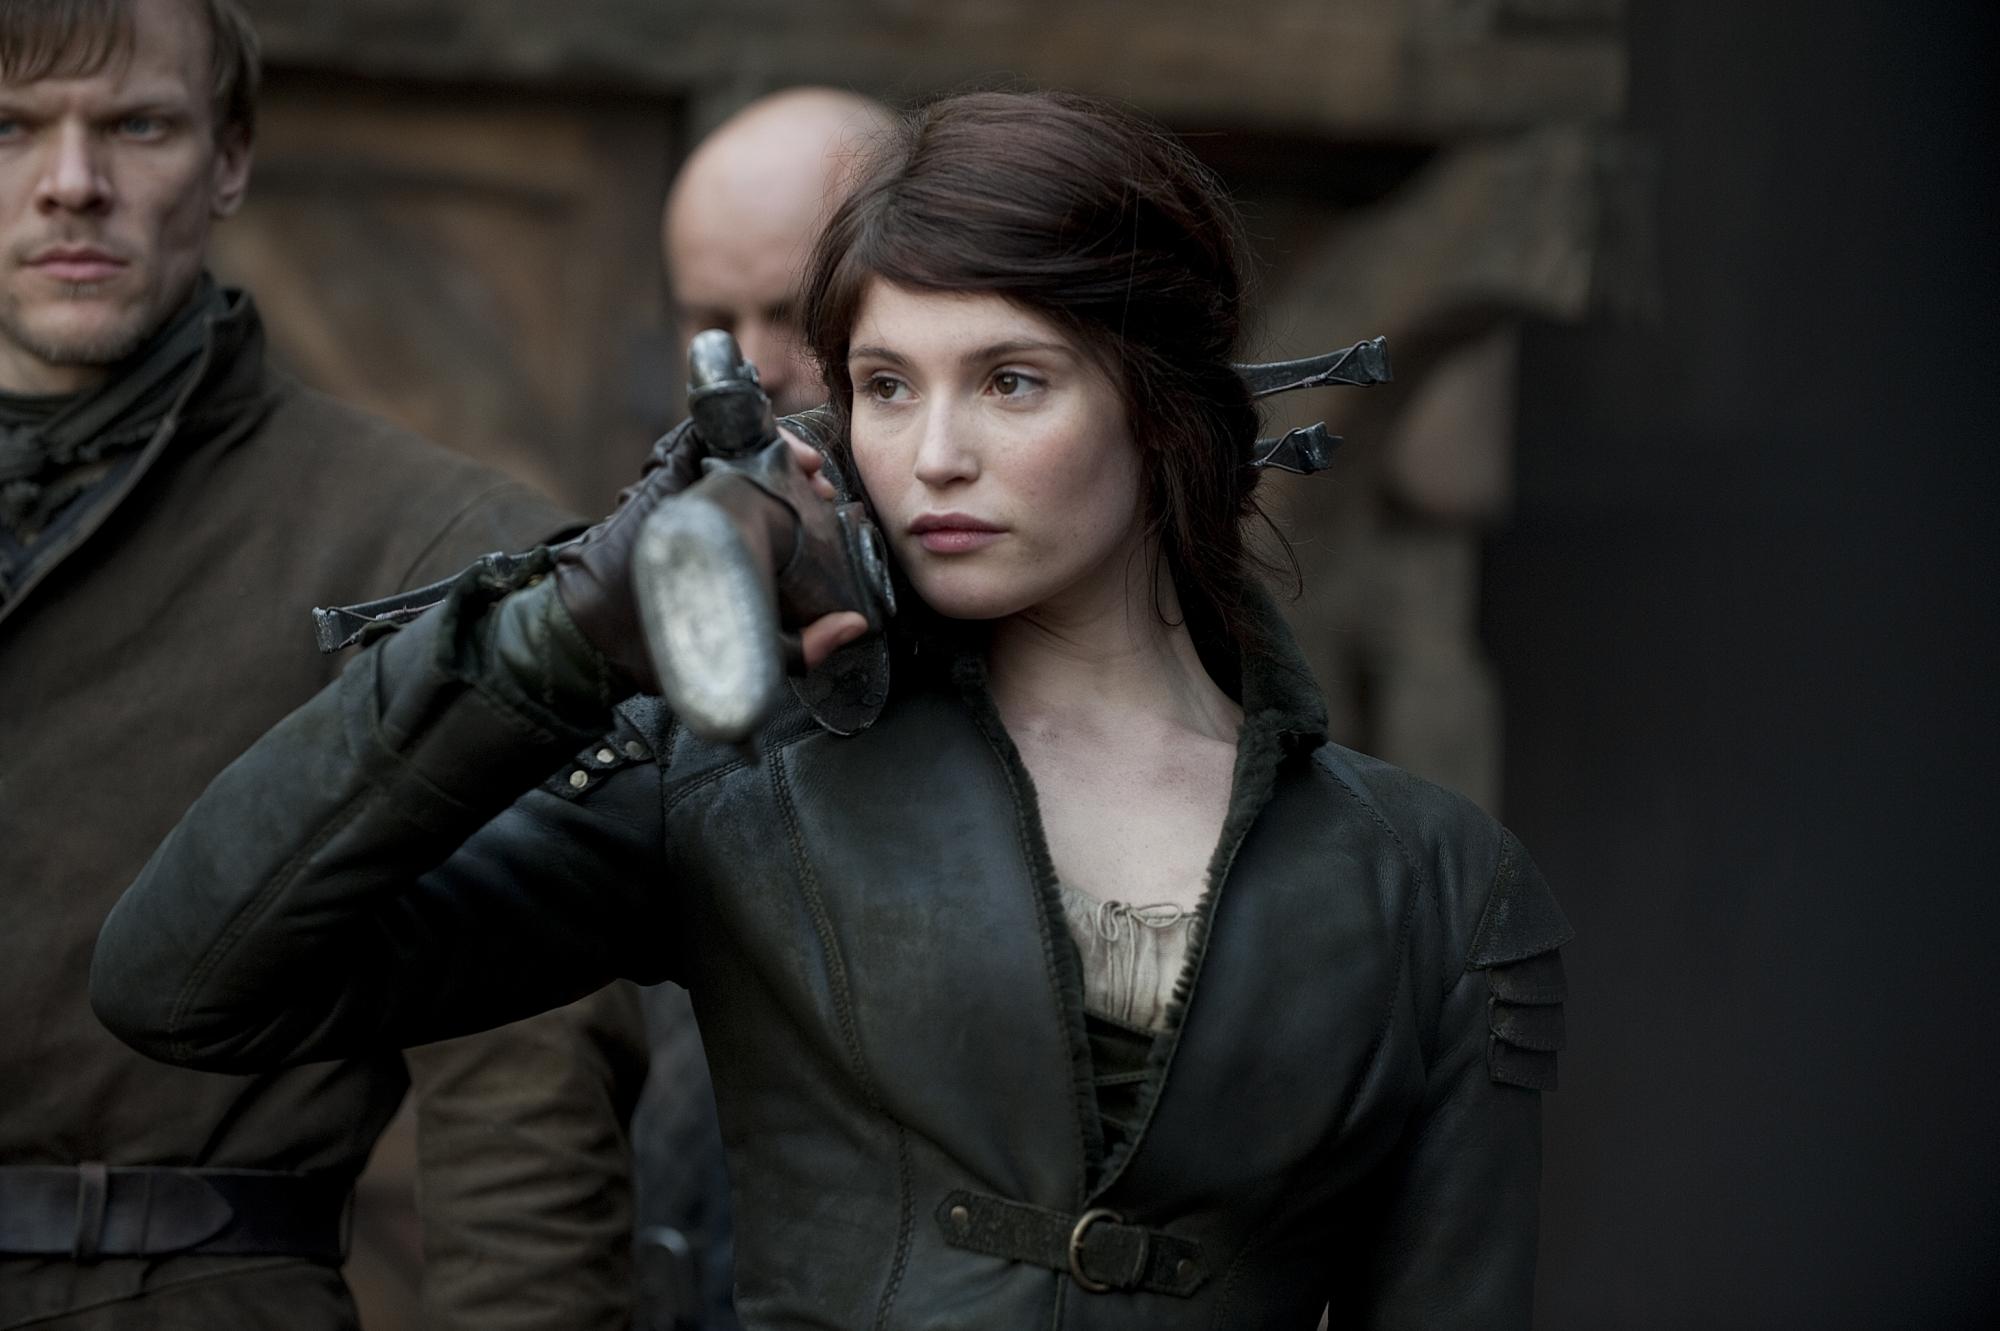 gemma arterton gretel cazadores brujas